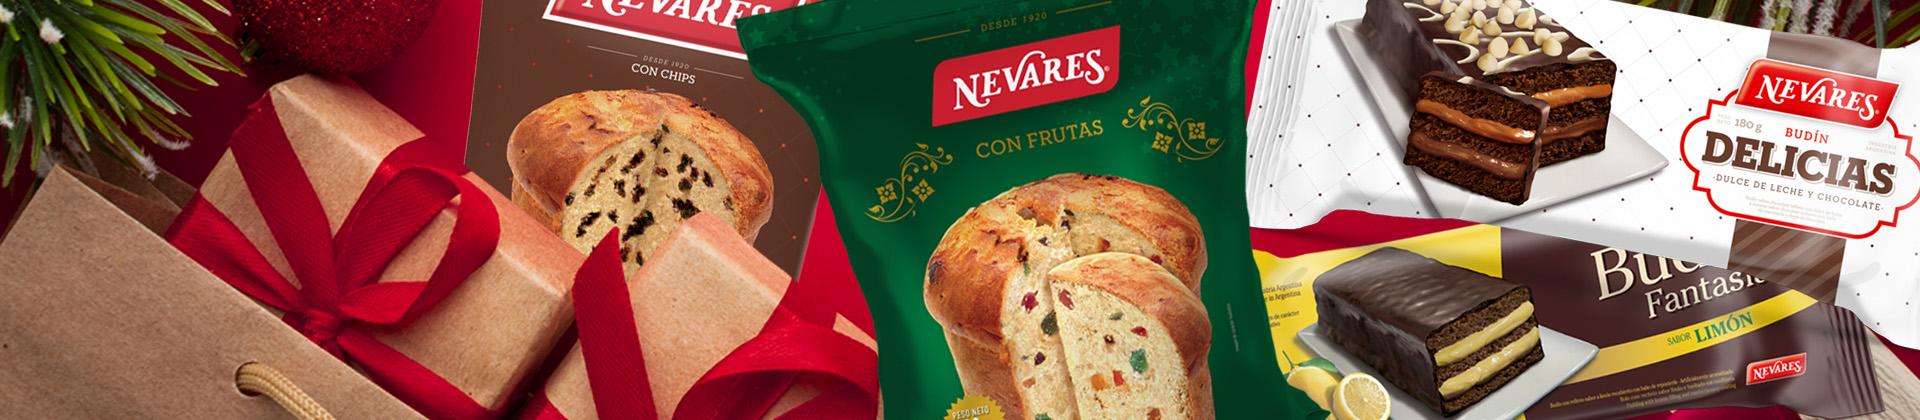 Nevares - Compañia Americana de alimentos